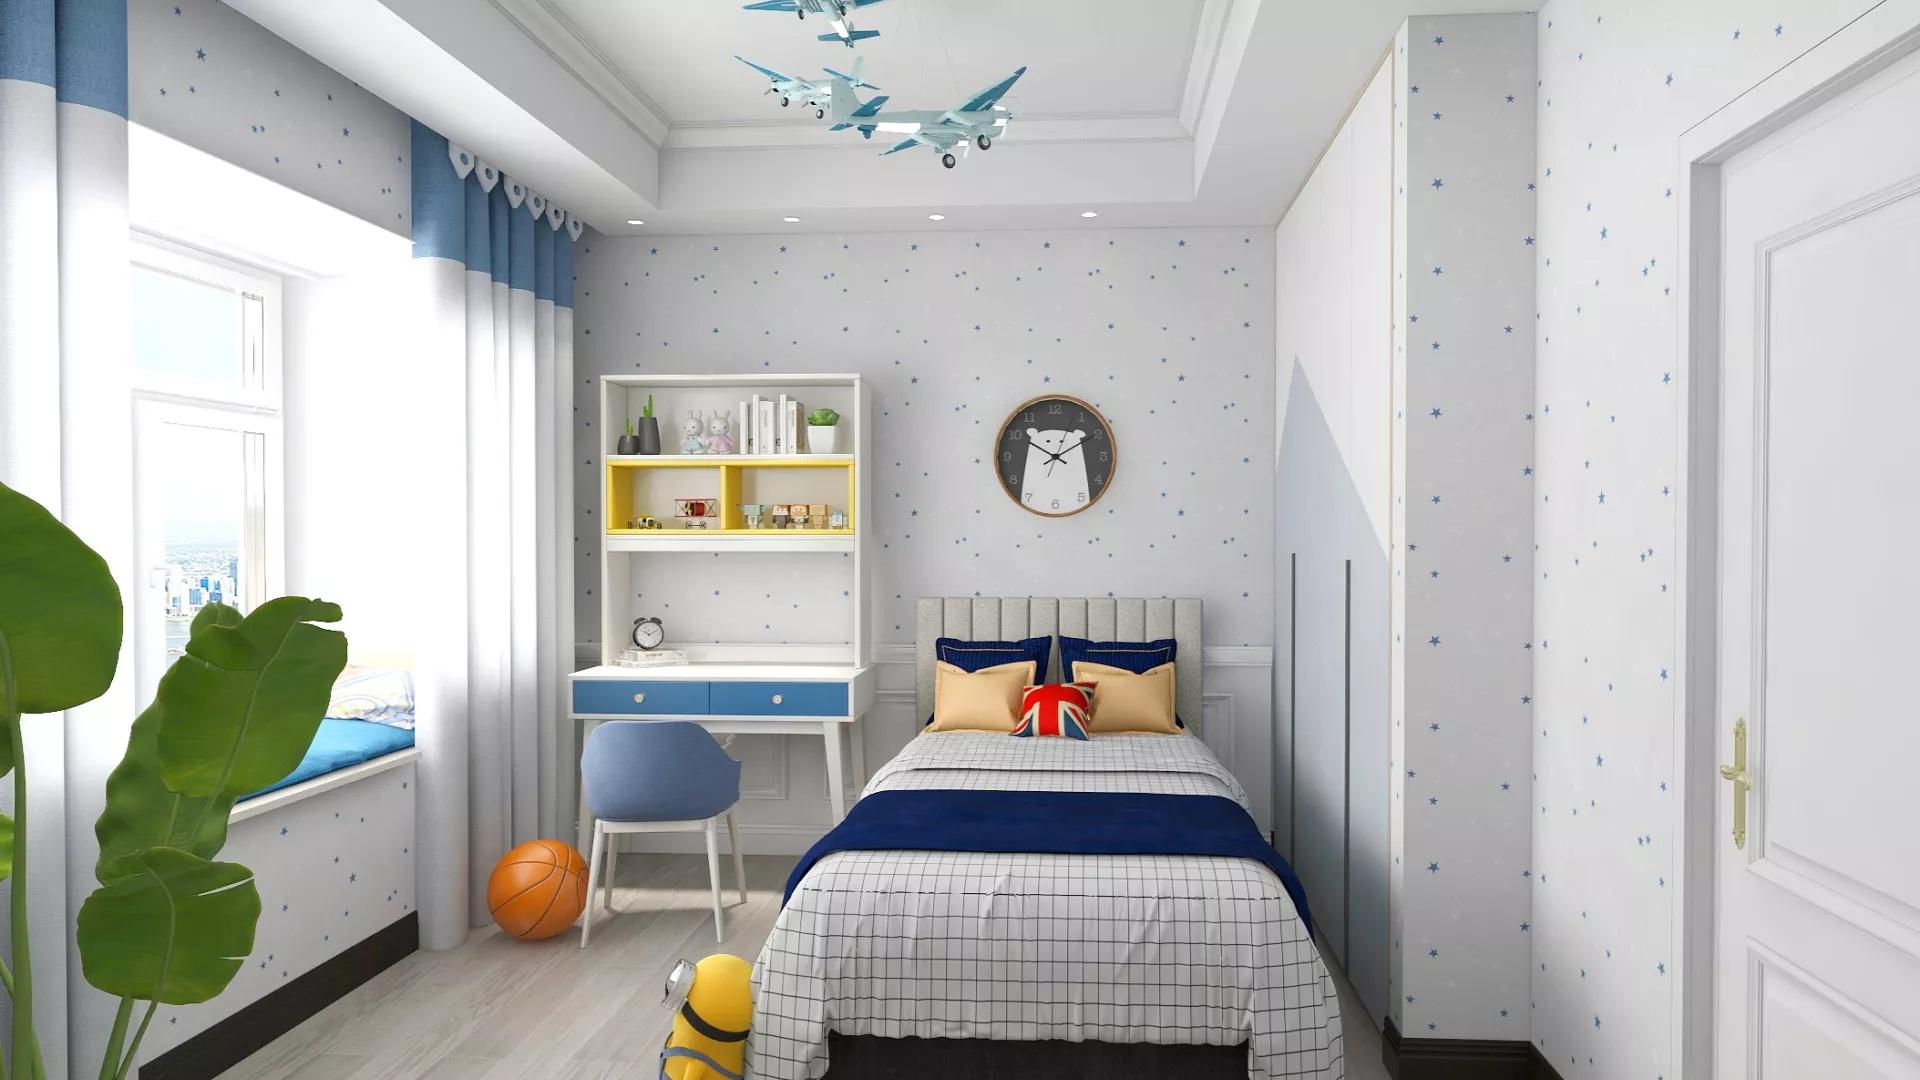 宜家风格浪漫温馨型客厅装修效果图